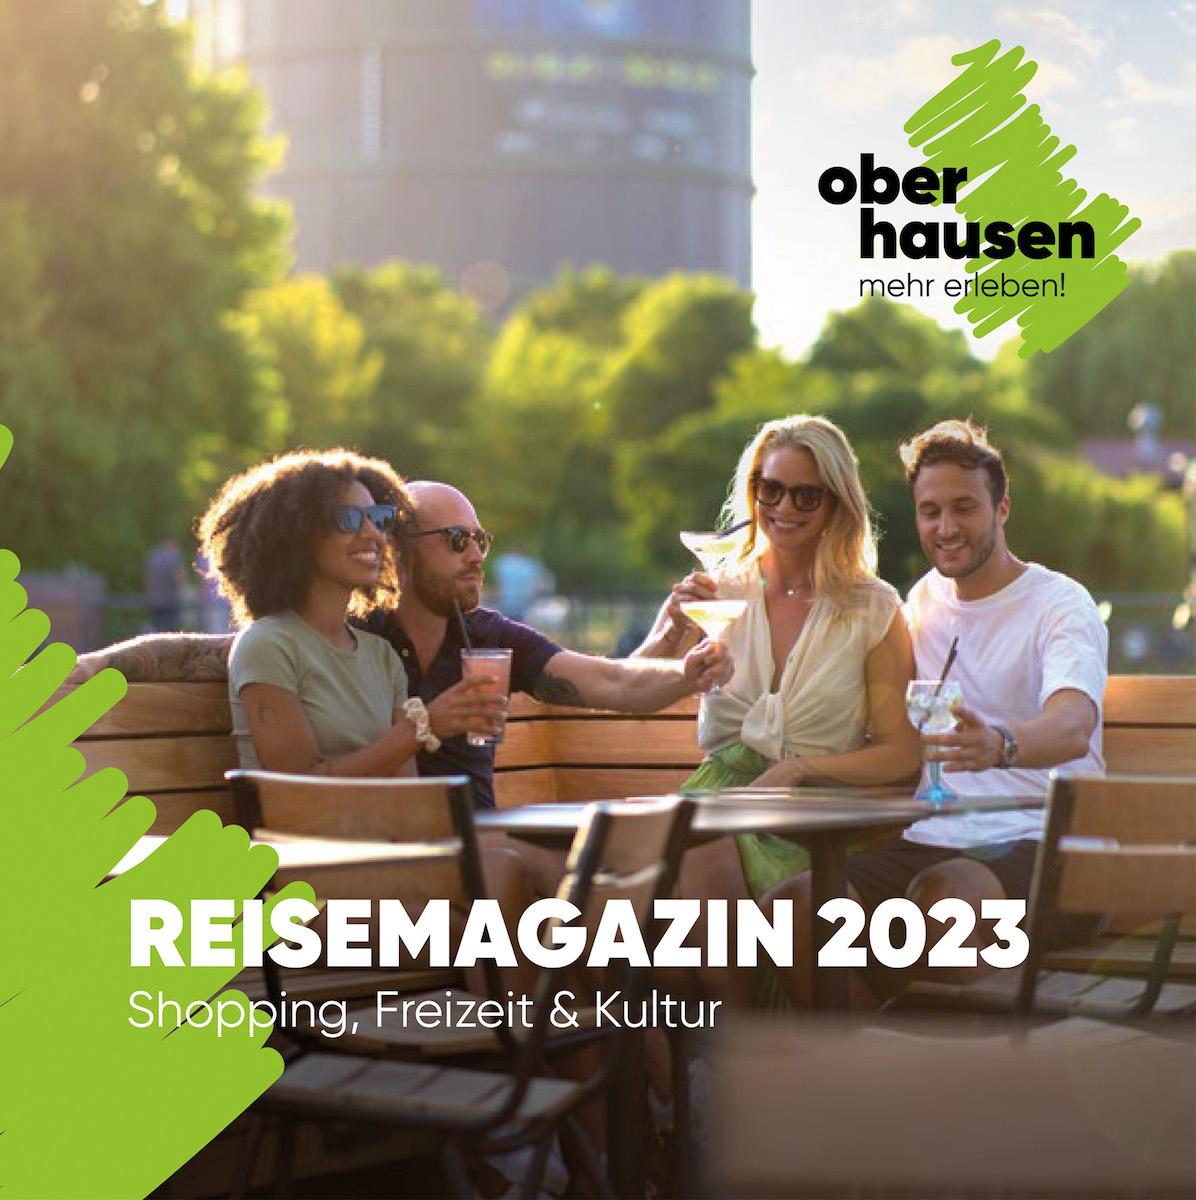 Ruhrgebiet - Oberhausen - Reisemagazin 2018